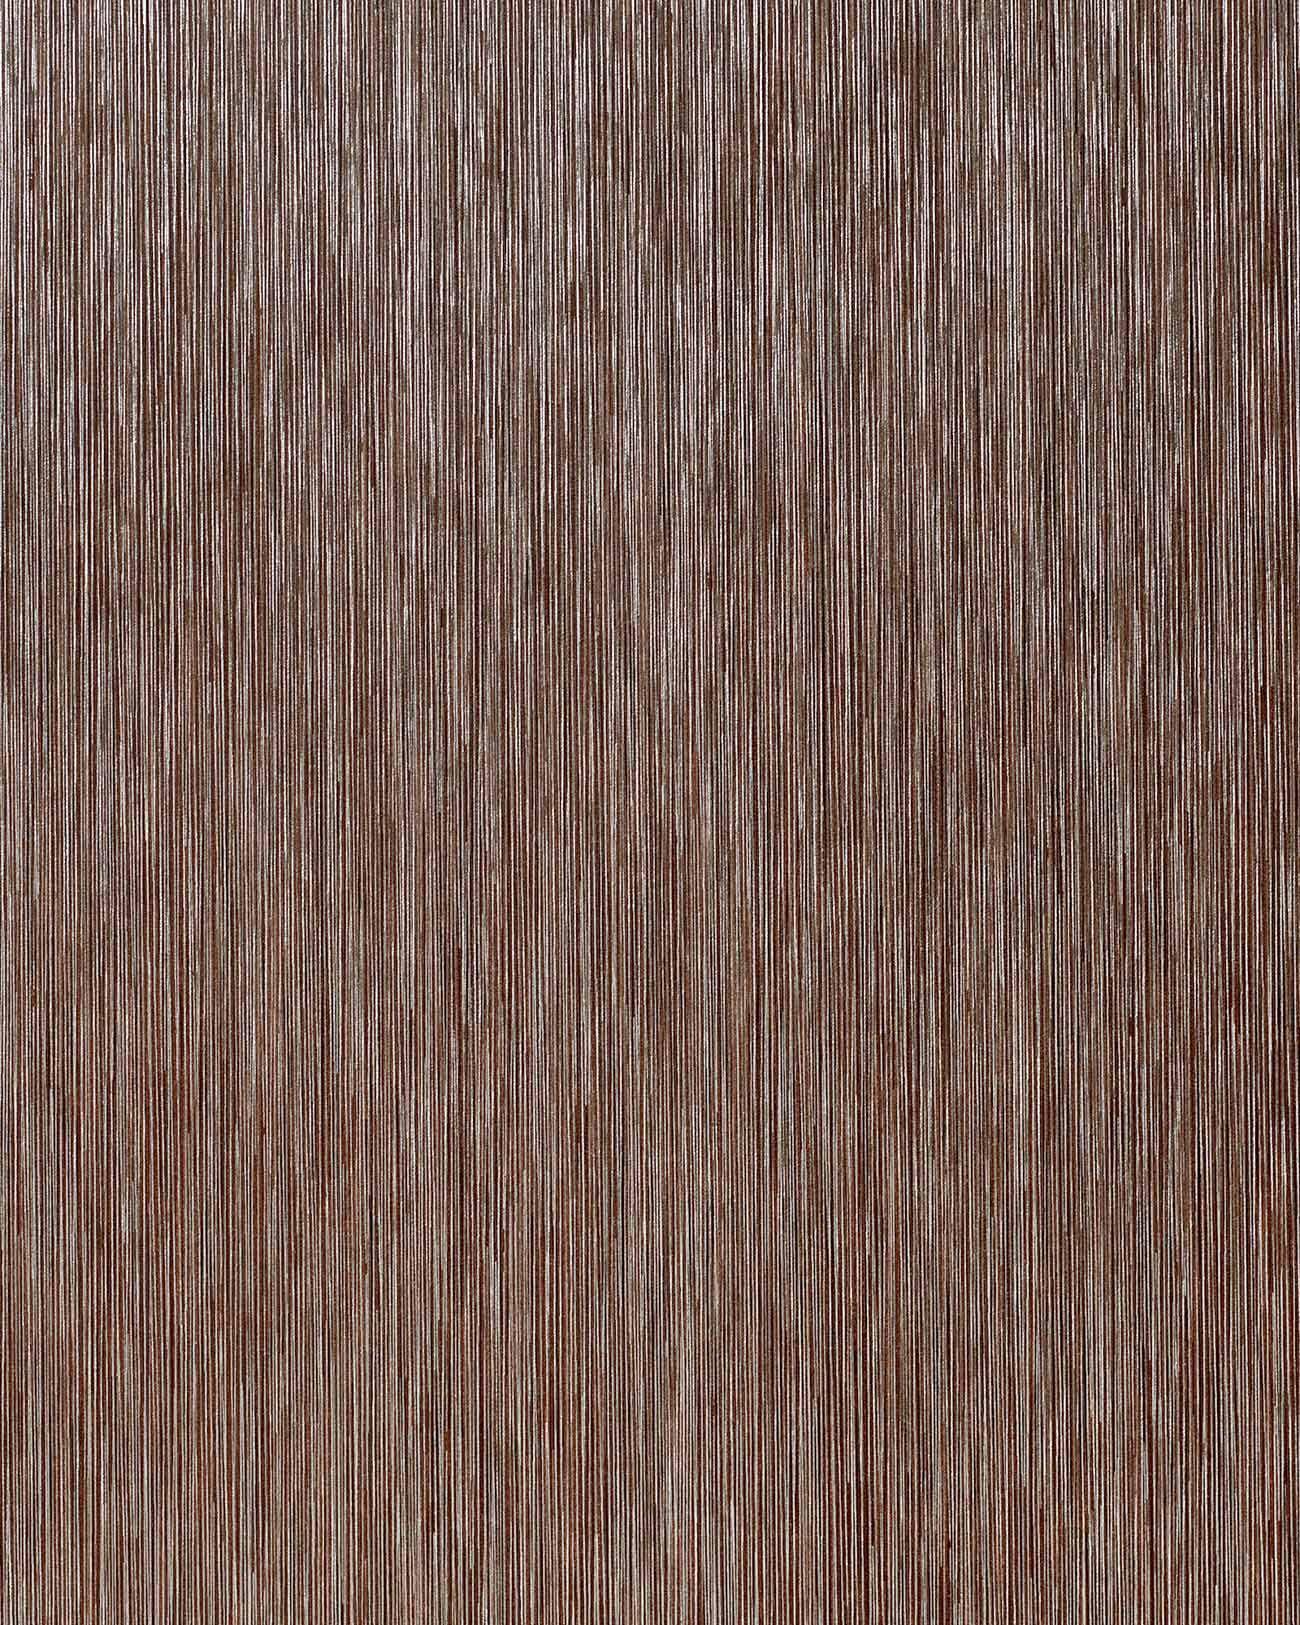 streifen tapete edem 1020 16 designer tapete struktur metallic look glanzeffekte hochwaschbare. Black Bedroom Furniture Sets. Home Design Ideas